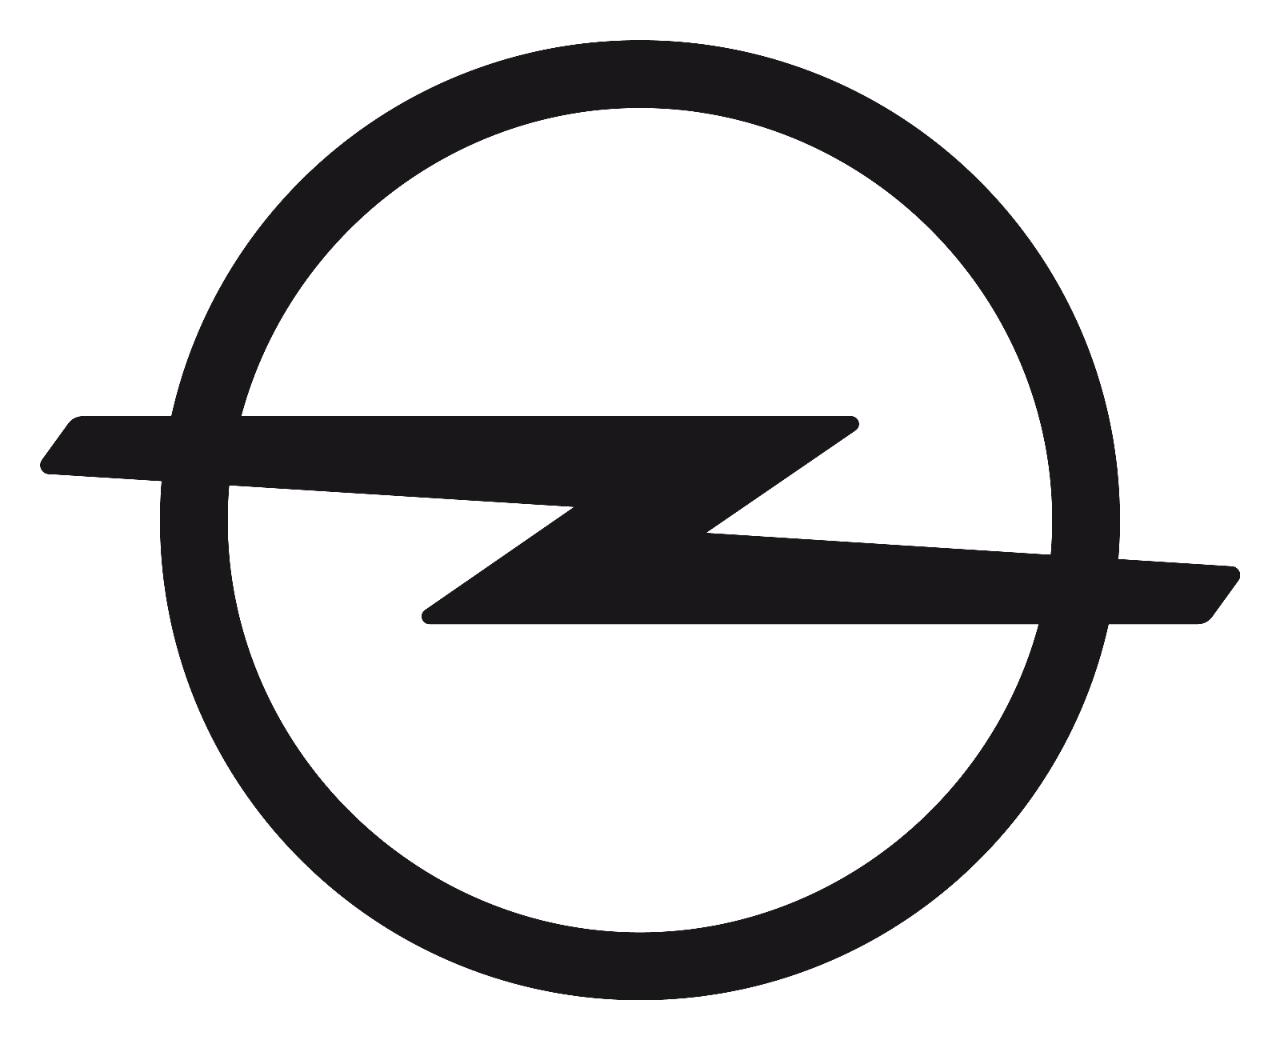 """""""Budućnost pripada svima"""": Opel predstavlja novi moto marke i novi logo"""